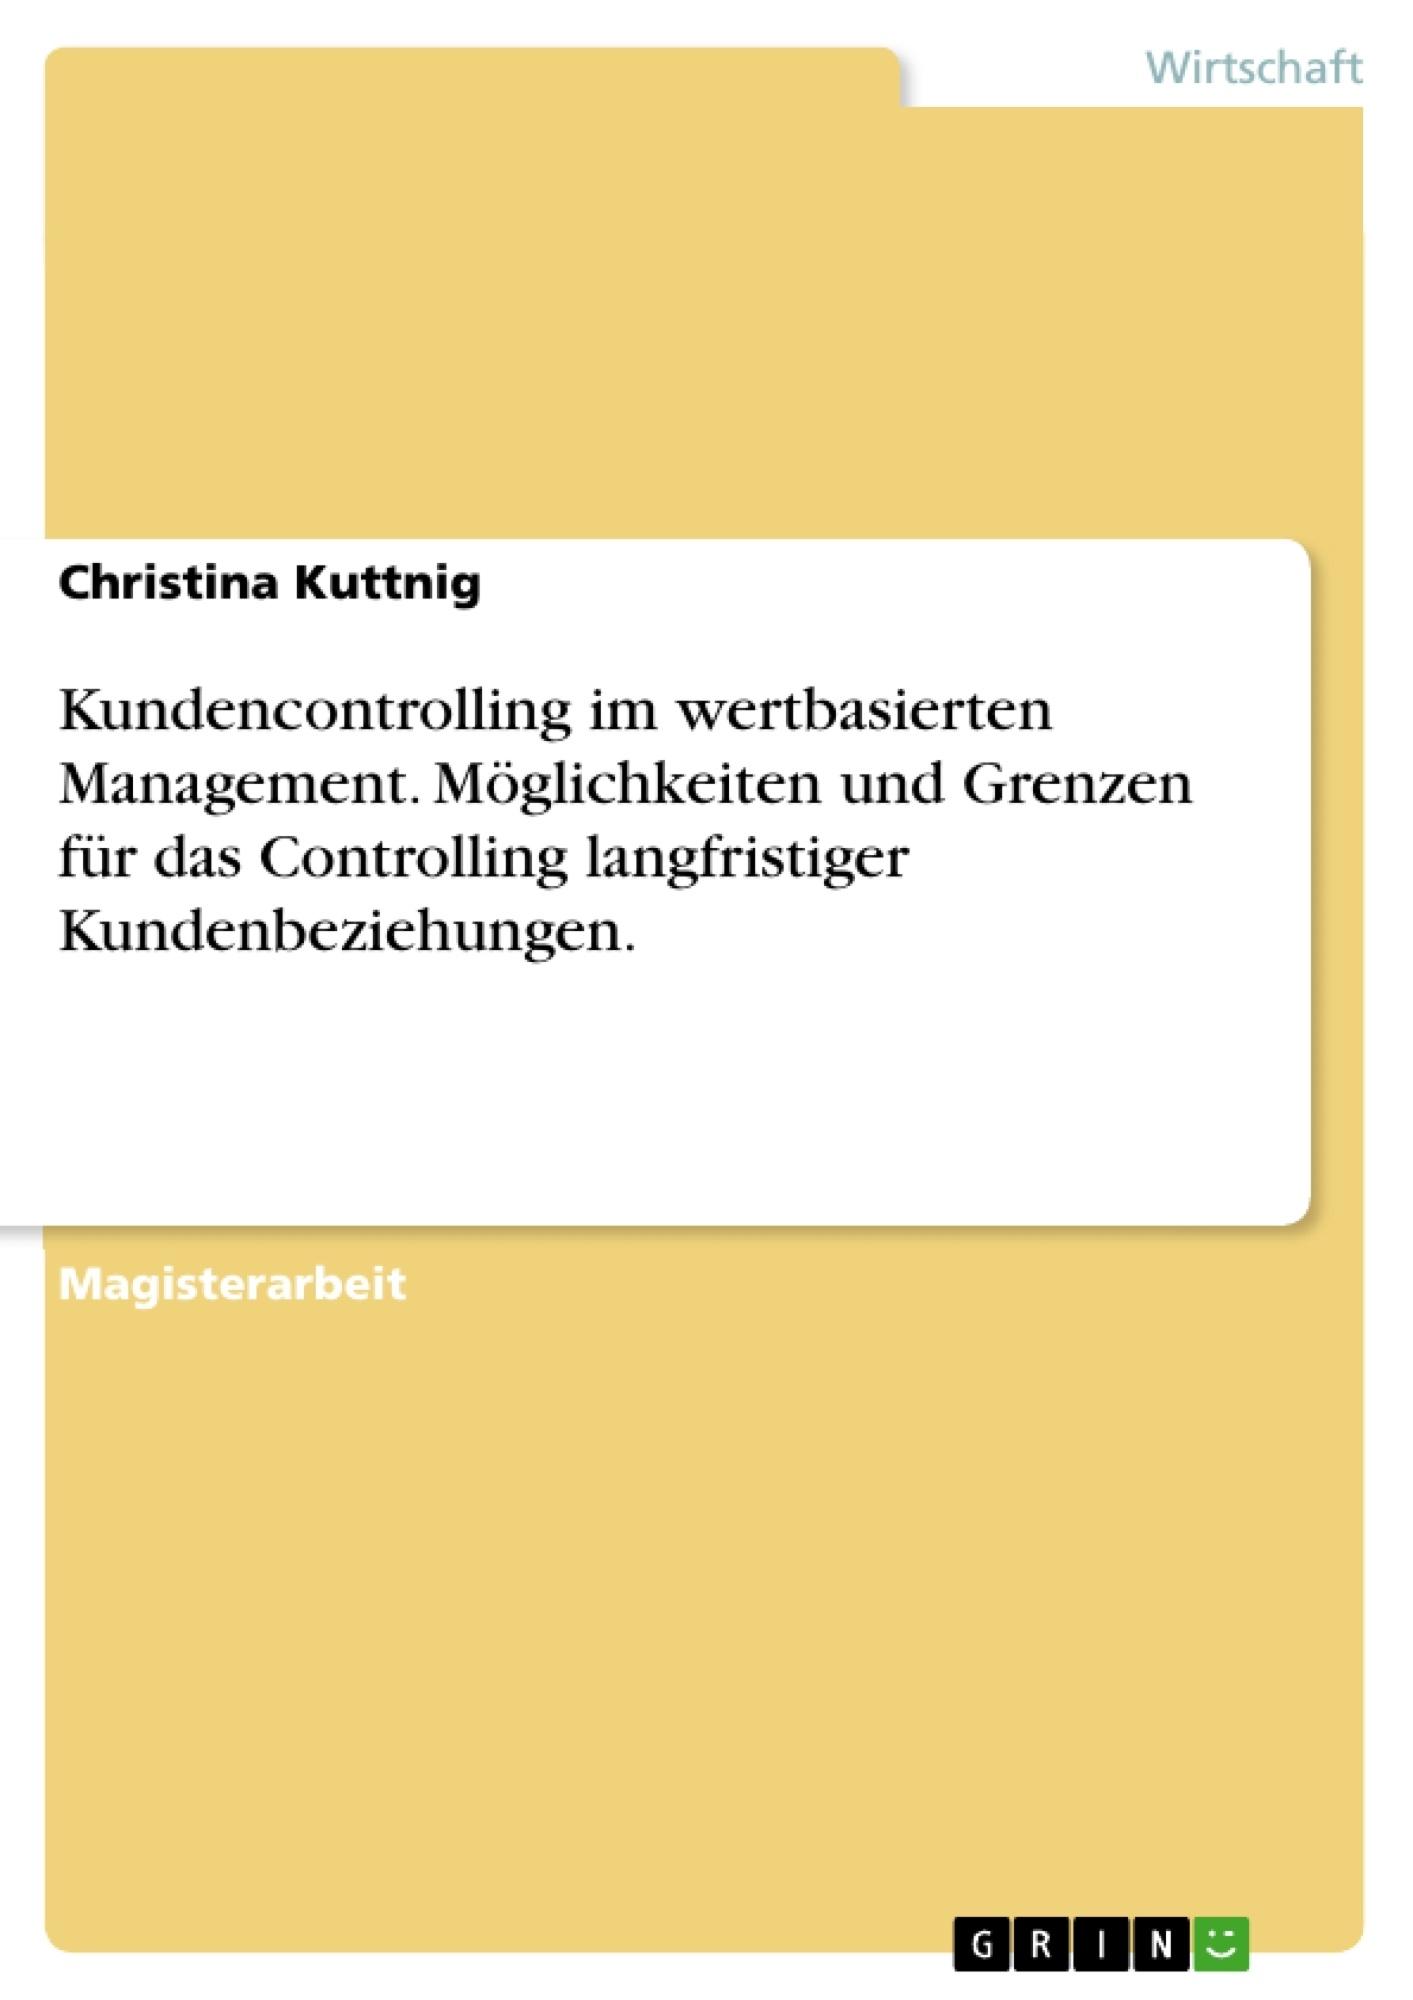 Titel: Kundencontrolling im wertbasierten Management. Möglichkeiten und Grenzen für das Controlling langfristiger Kundenbeziehungen.